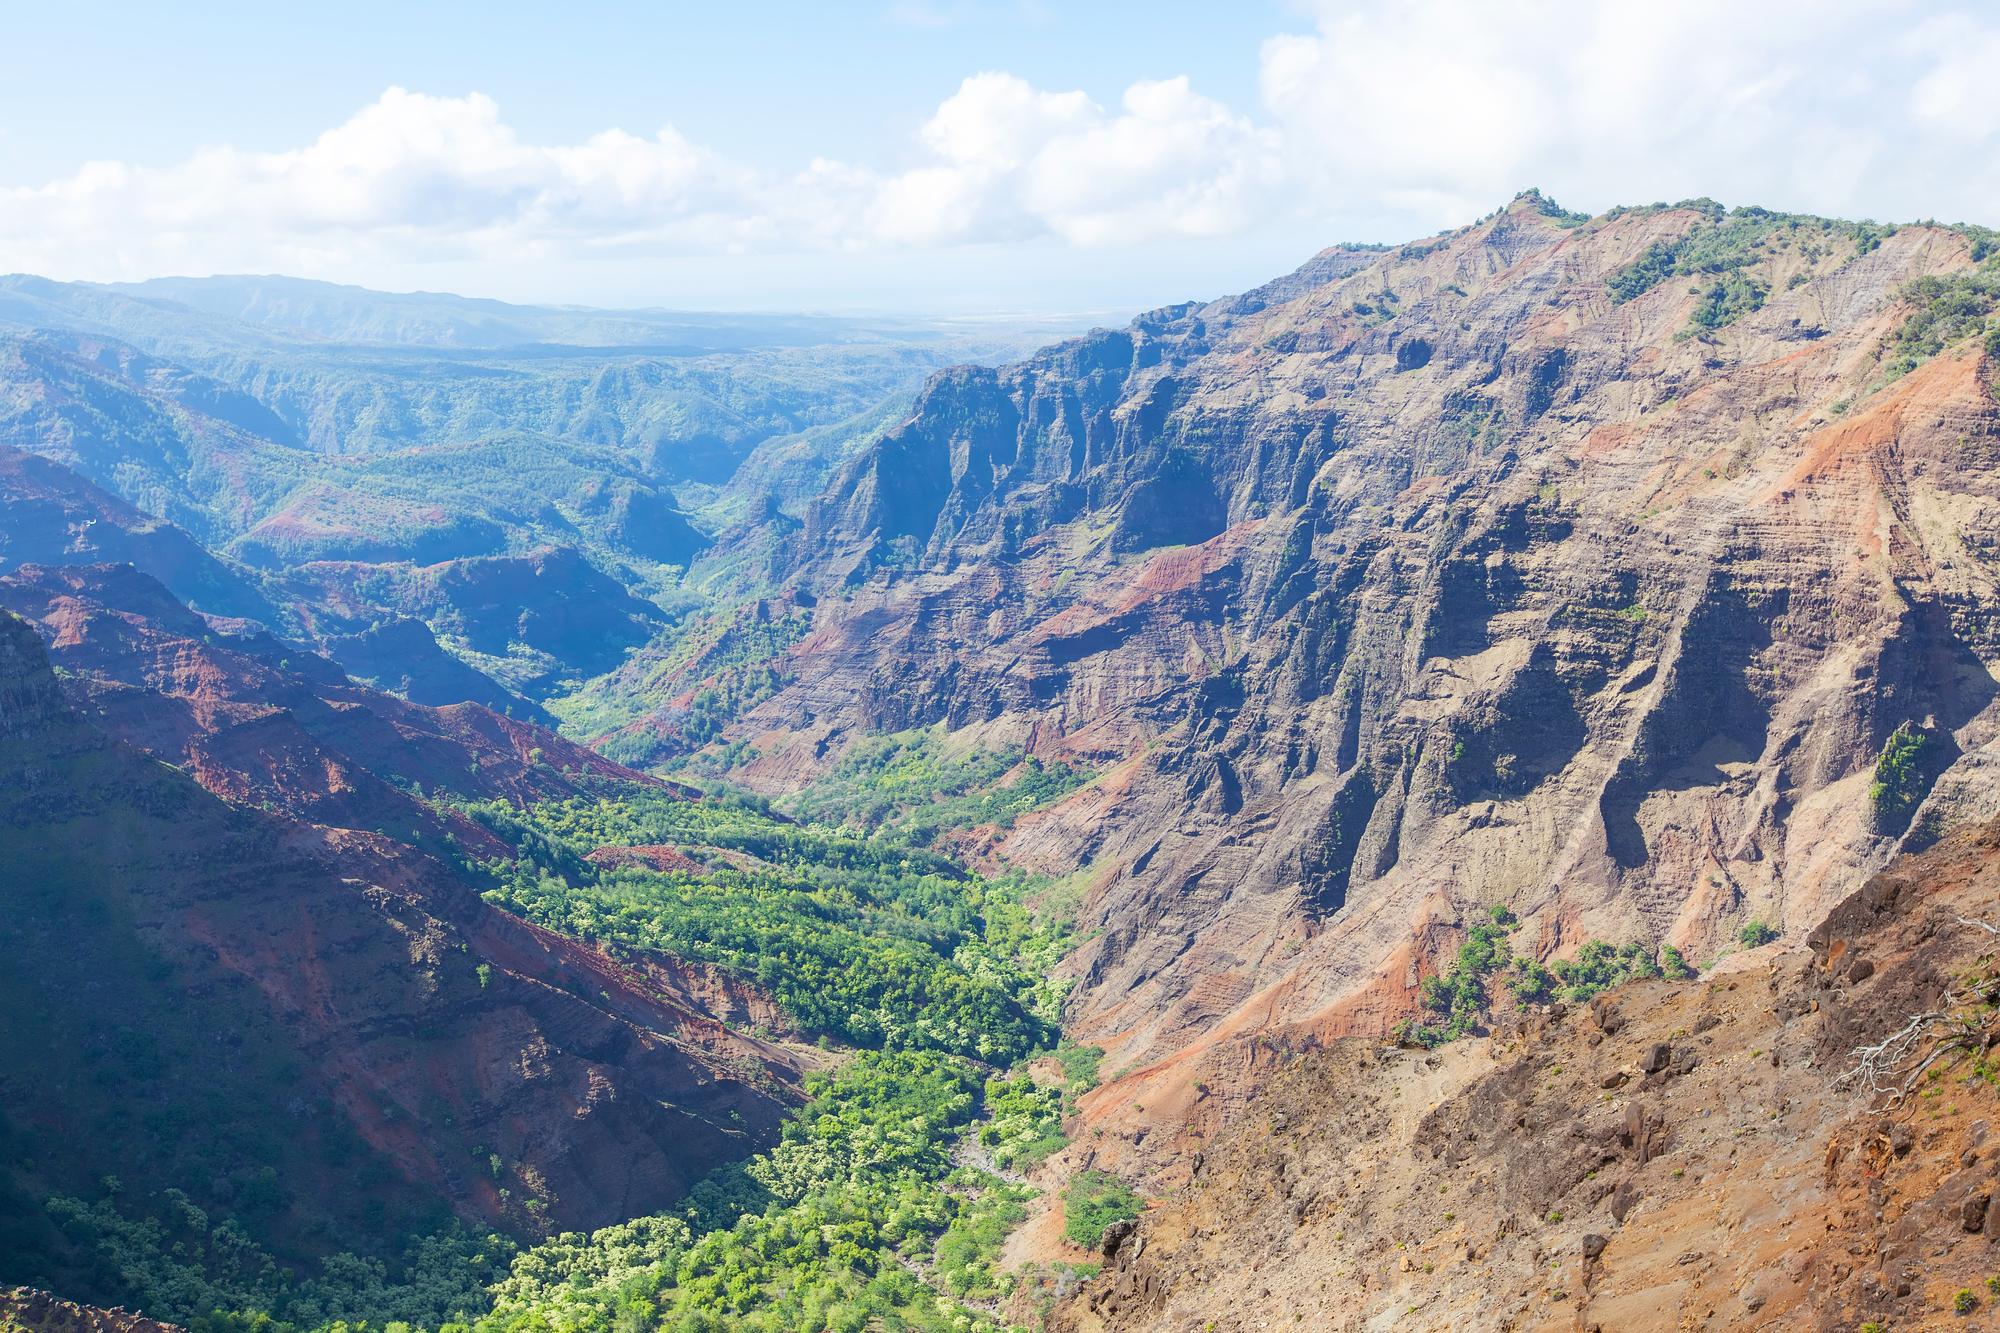 view at waimea canyon at kauai island, hawaii